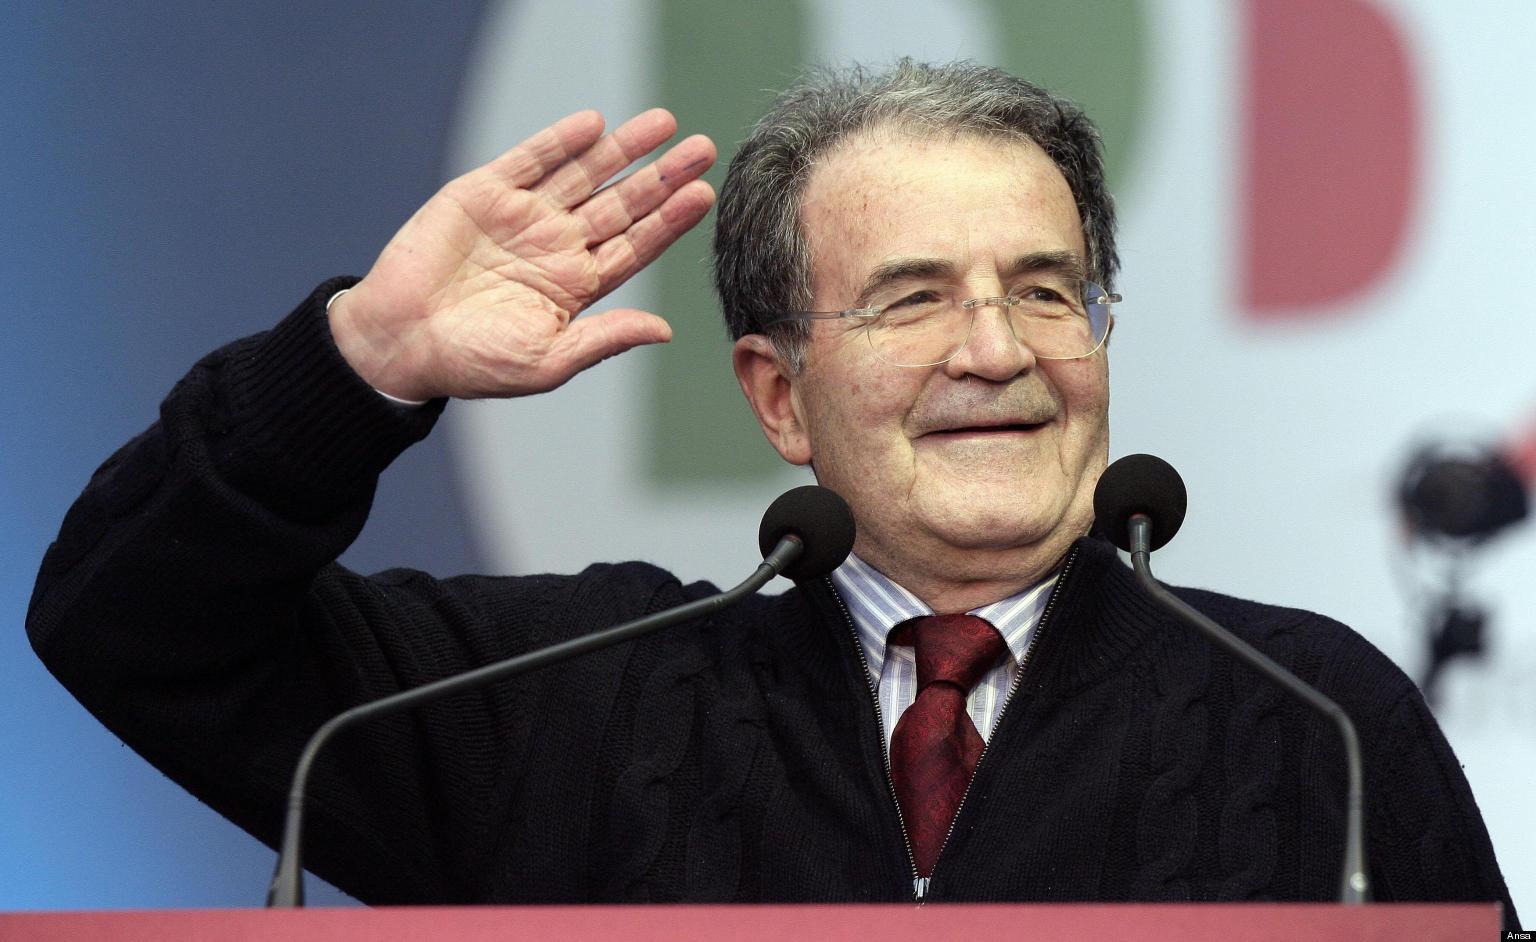 """La 'genialata' di Prodi sull'euro. Fusaro: """"E' stata la rivoluzione dell'élite finanziaria"""""""